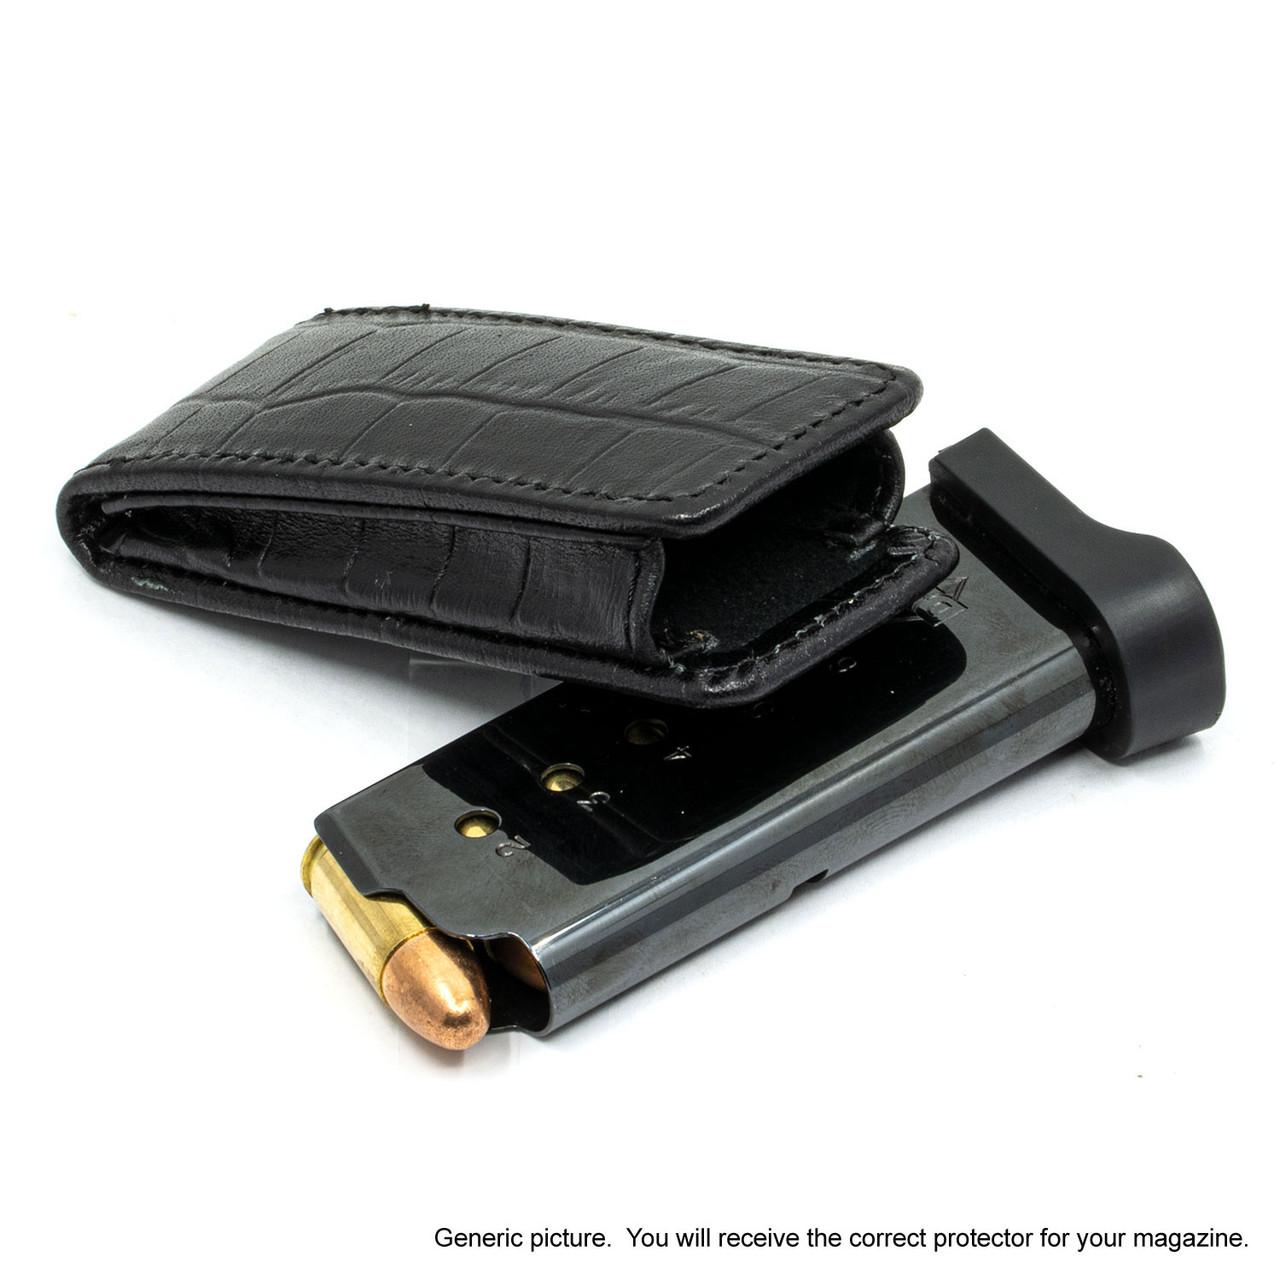 Taurus GX4 Holsters Black Alligator Magazine Pocket Protector